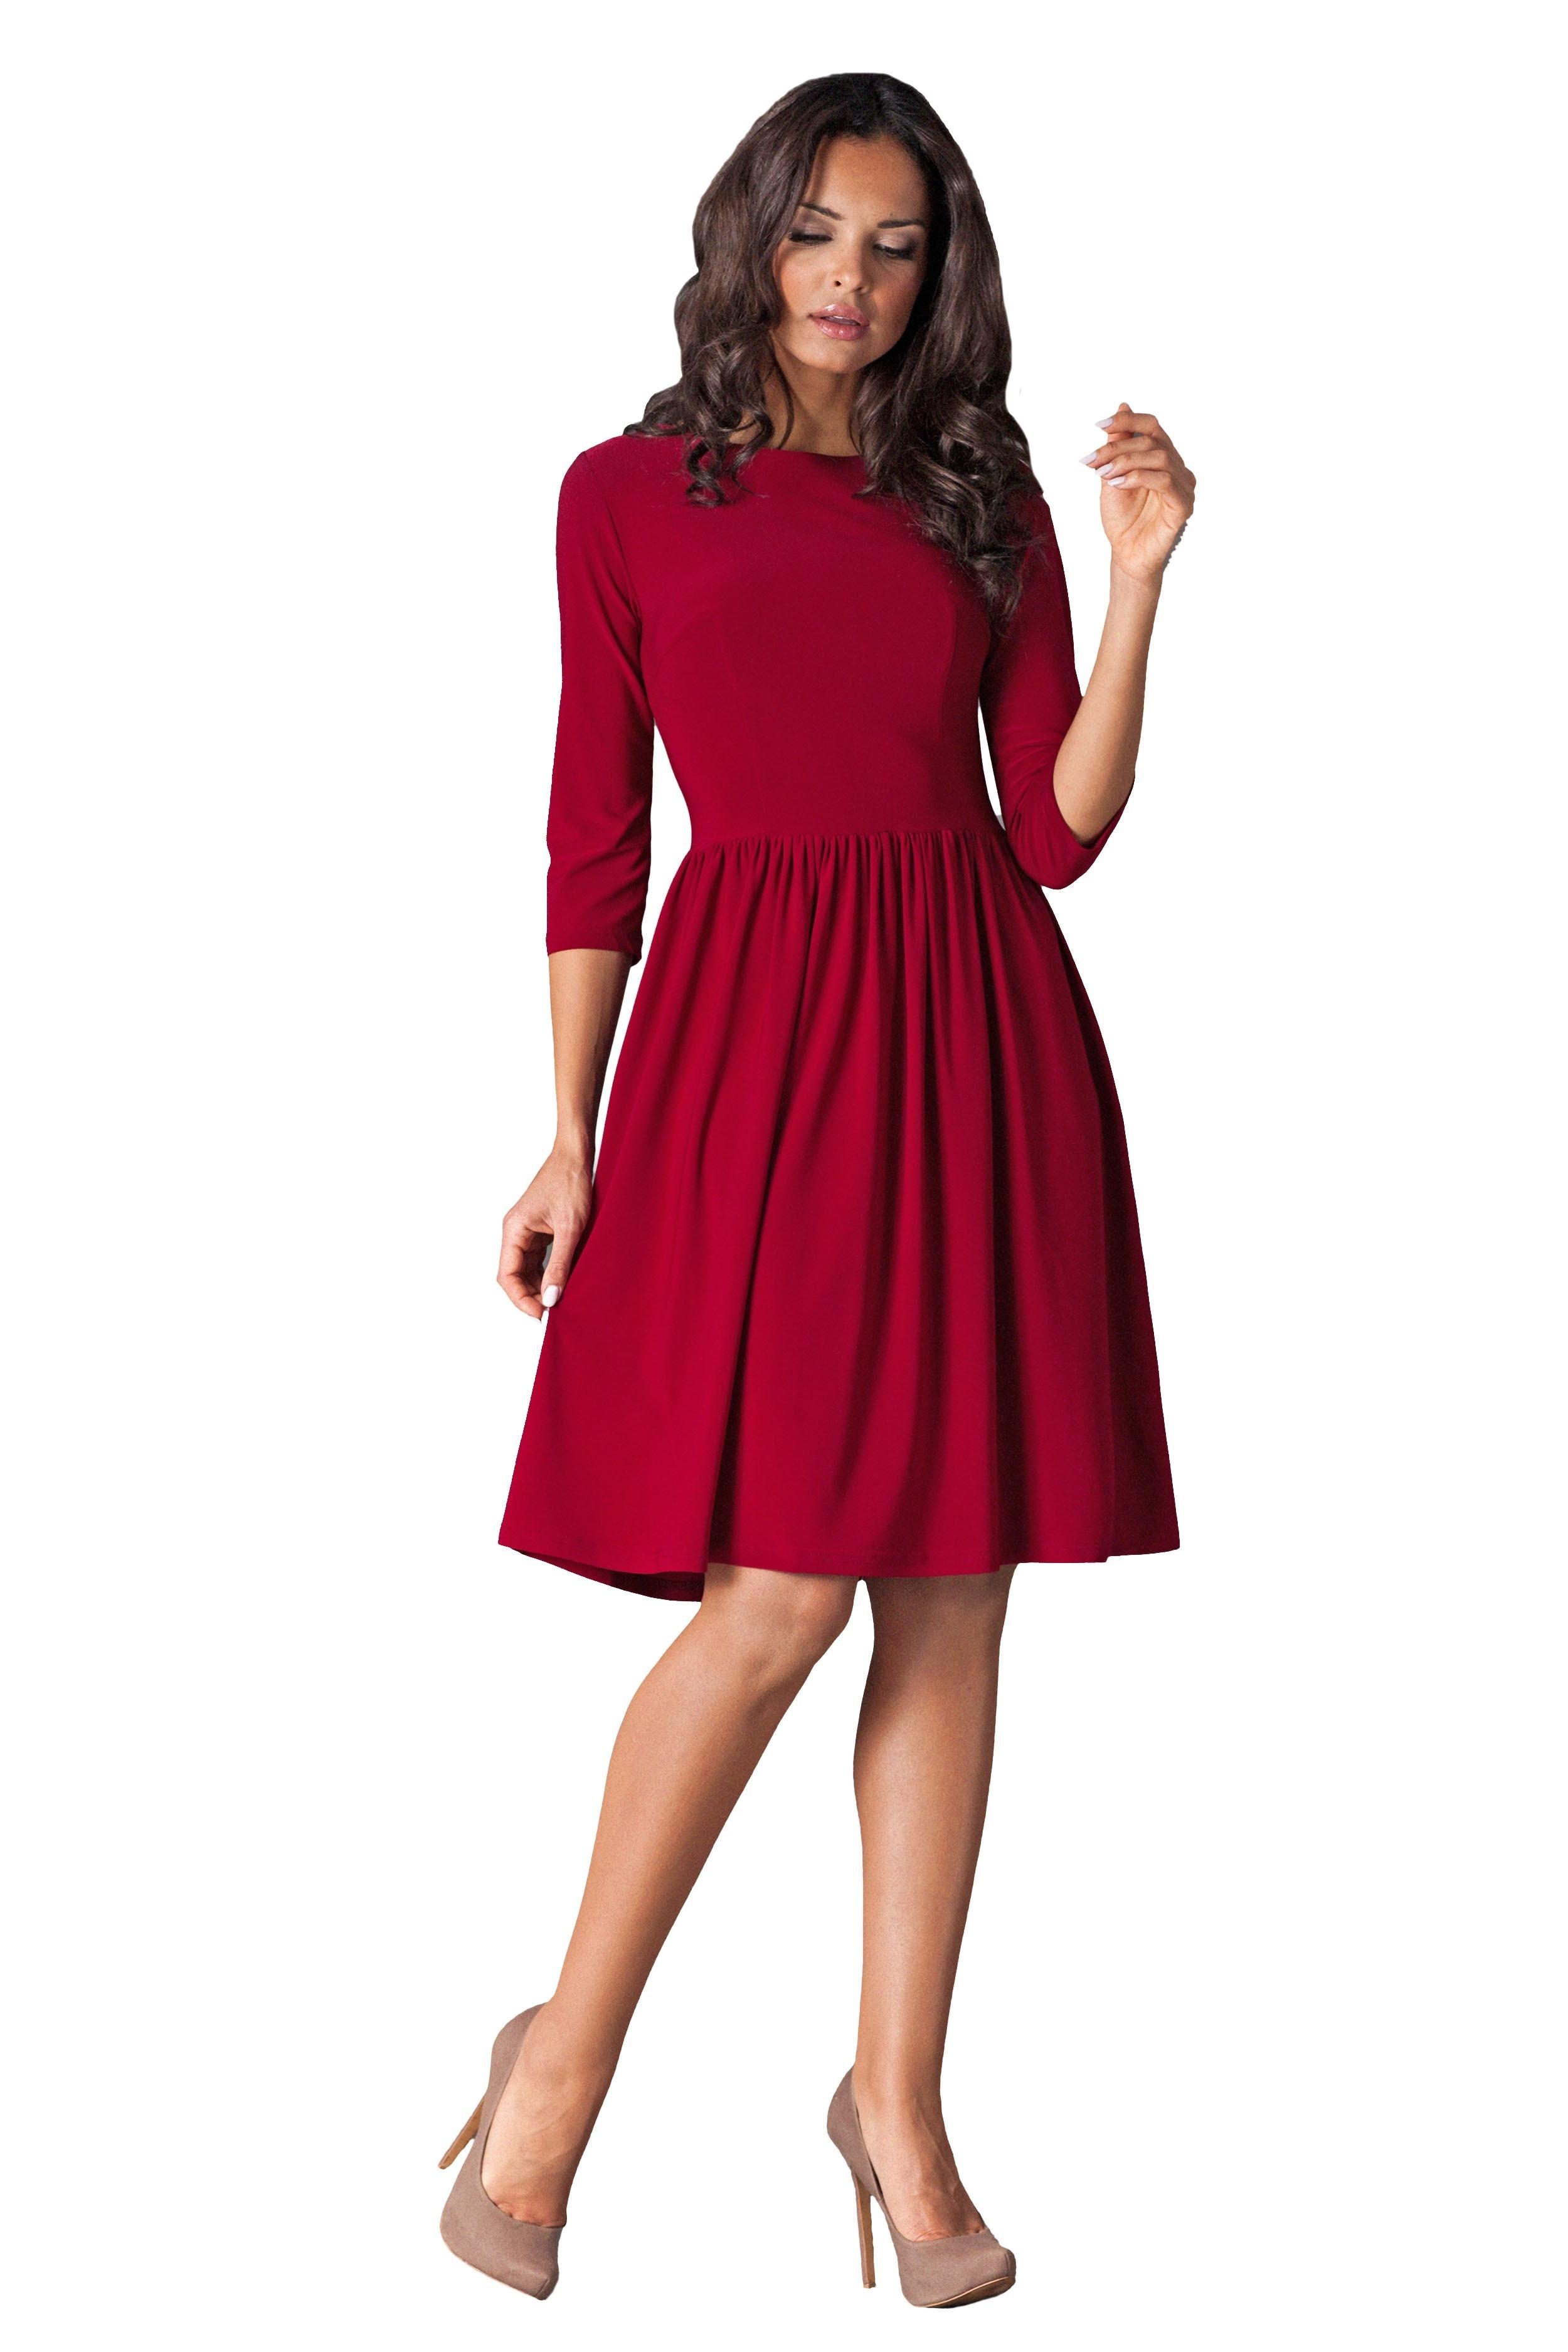 10 Schön Bordeux Kleid BoutiqueFormal Wunderbar Bordeux Kleid Boutique